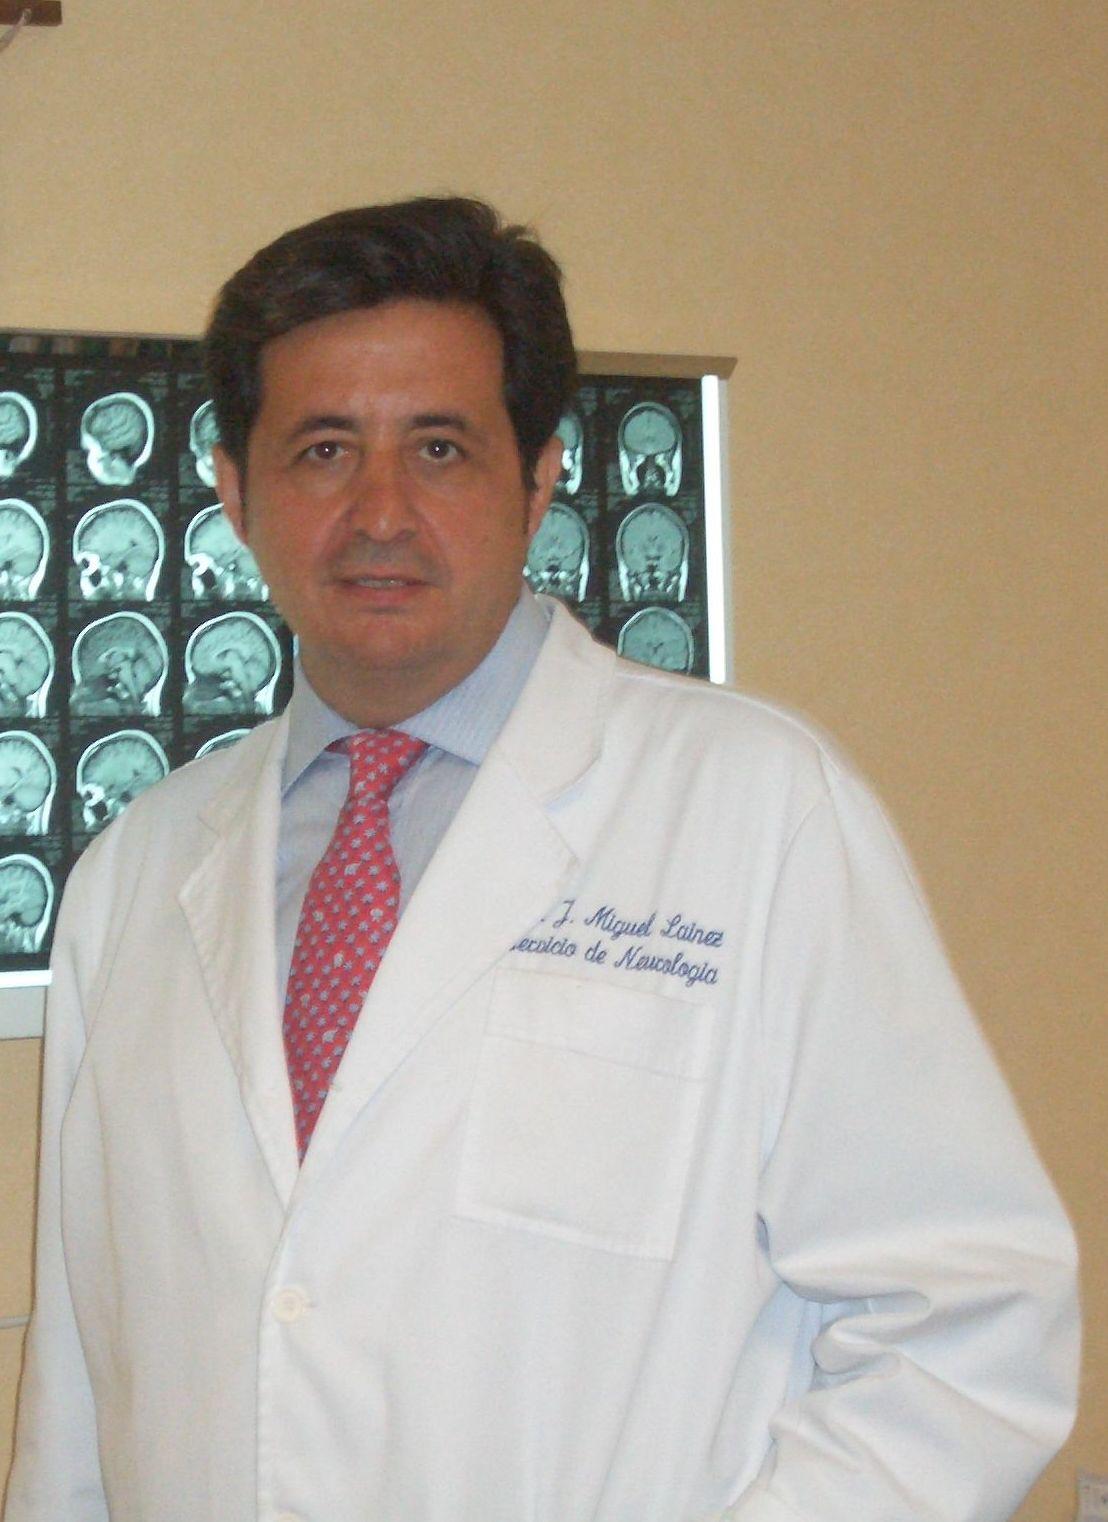 Foto 2 de Médicos especialistas Neurología en Valencia | Lainez Andrés, J.M